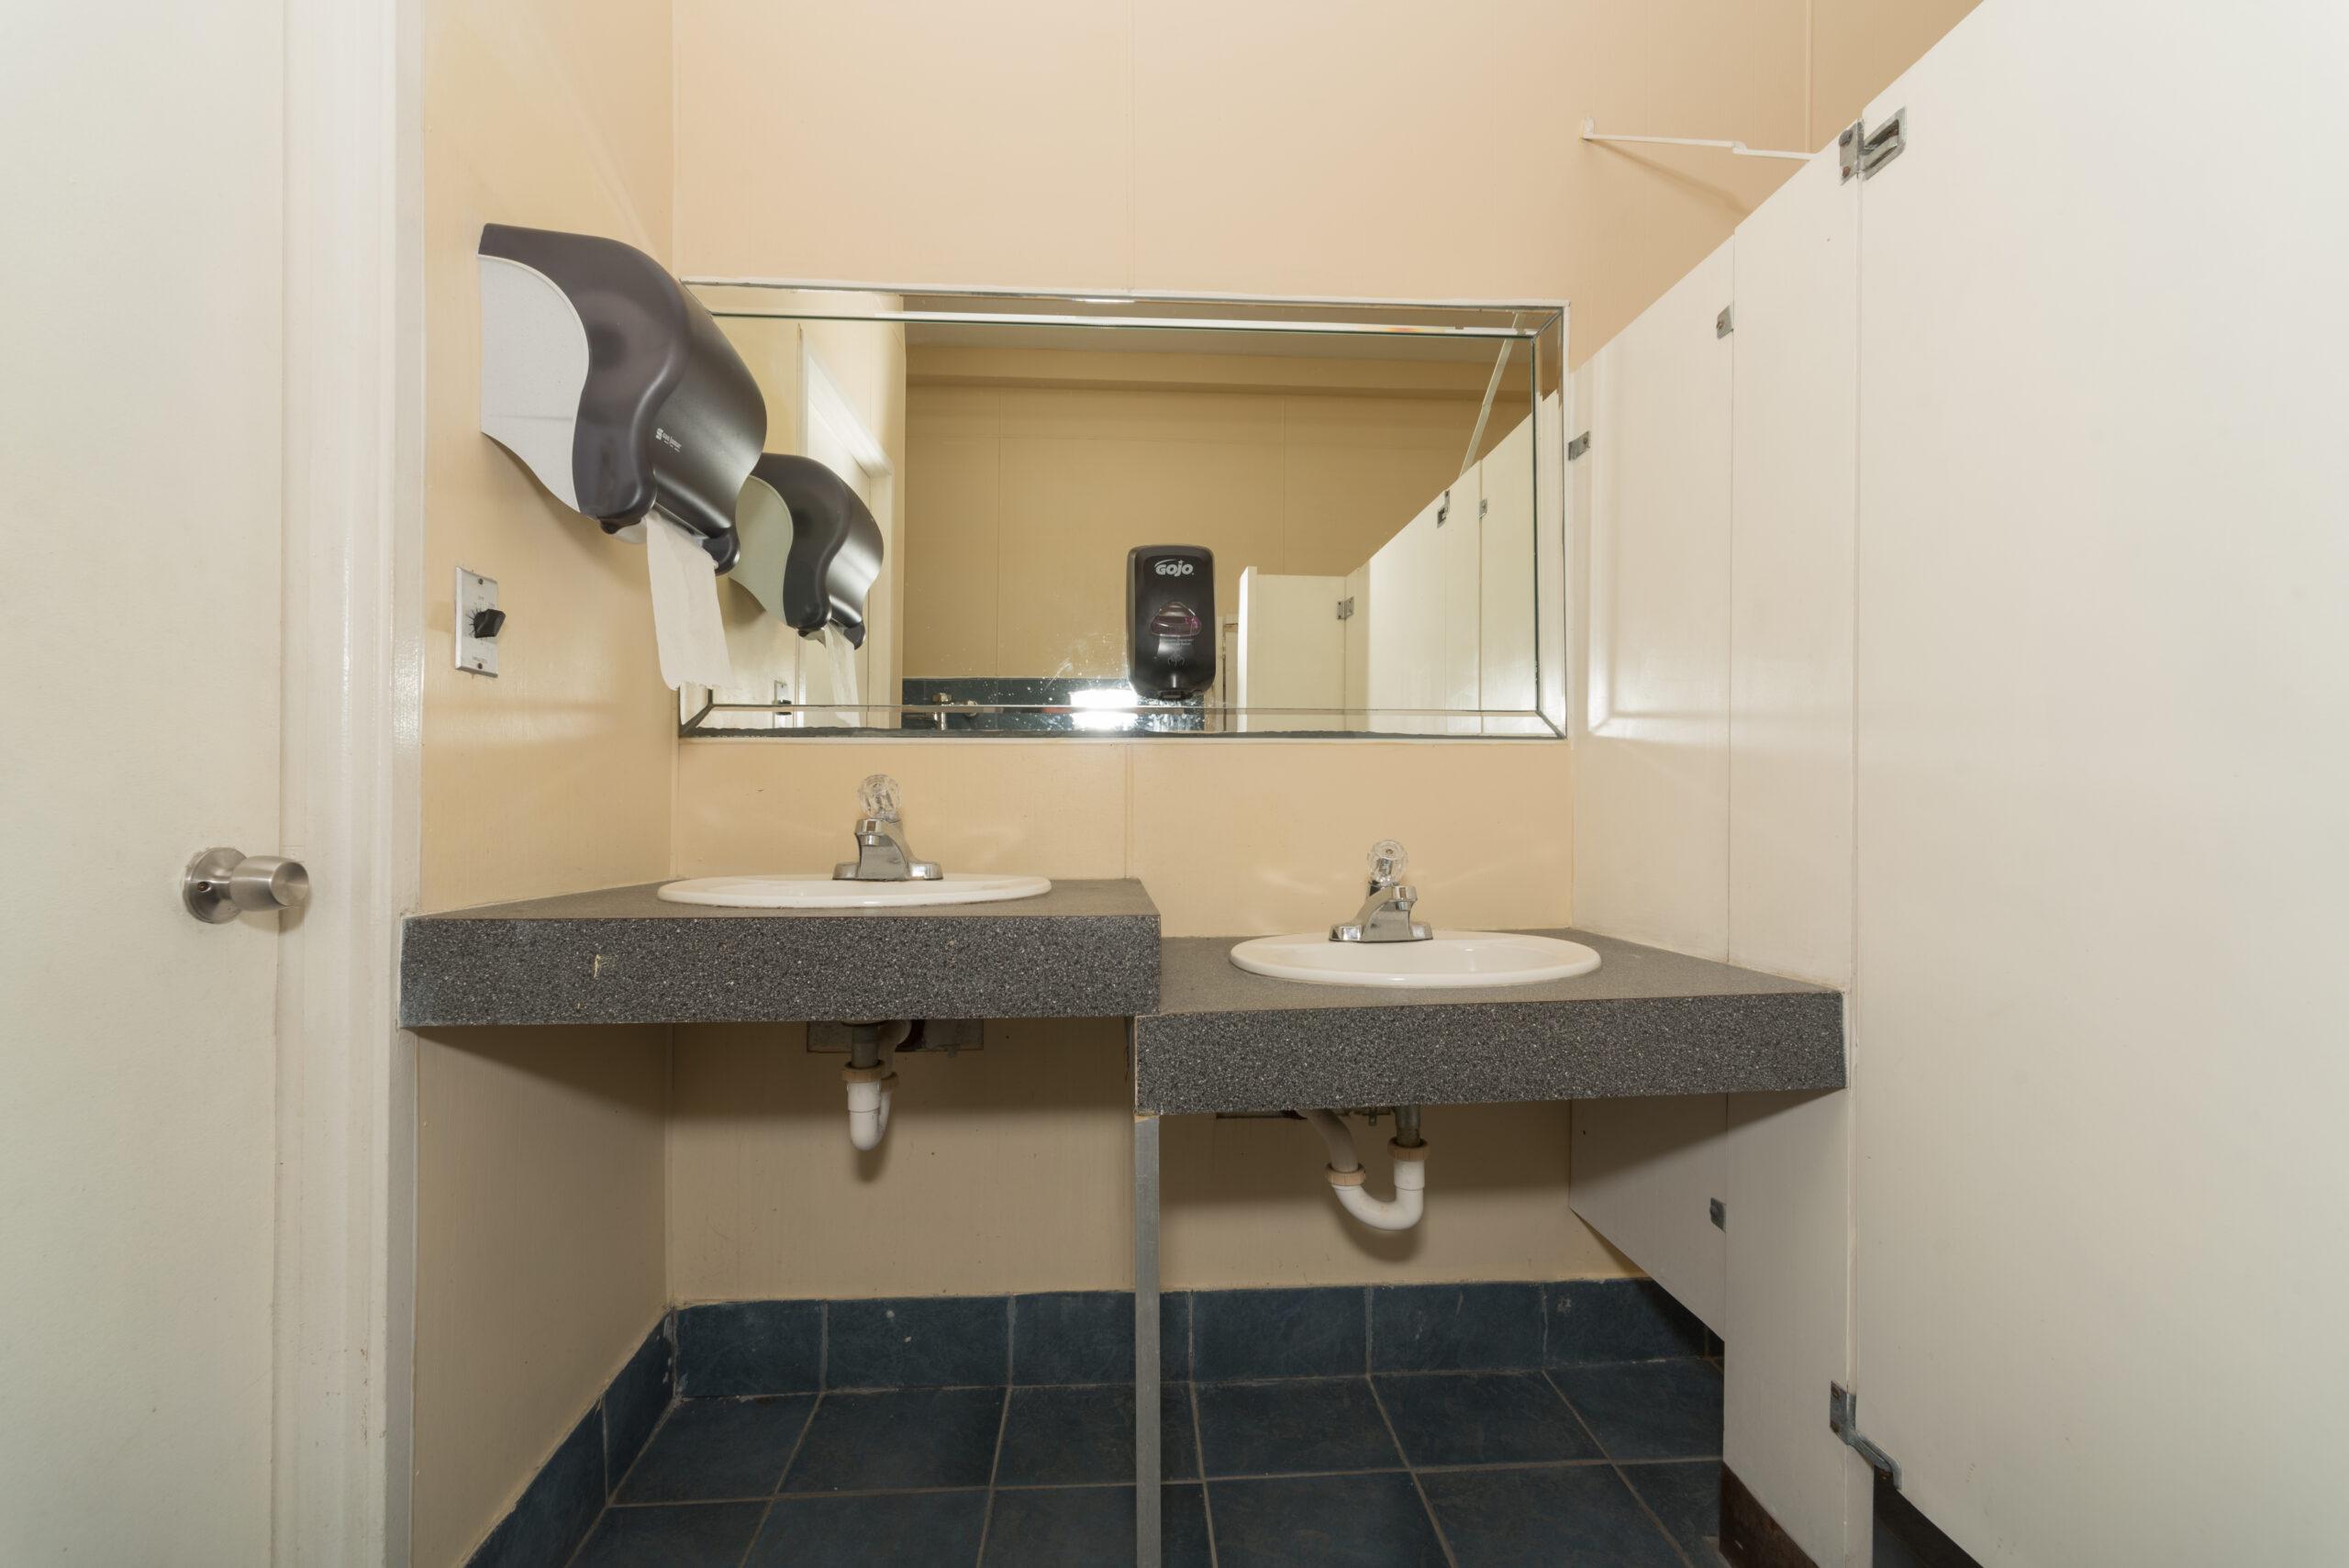 Design Build Bathroom Company